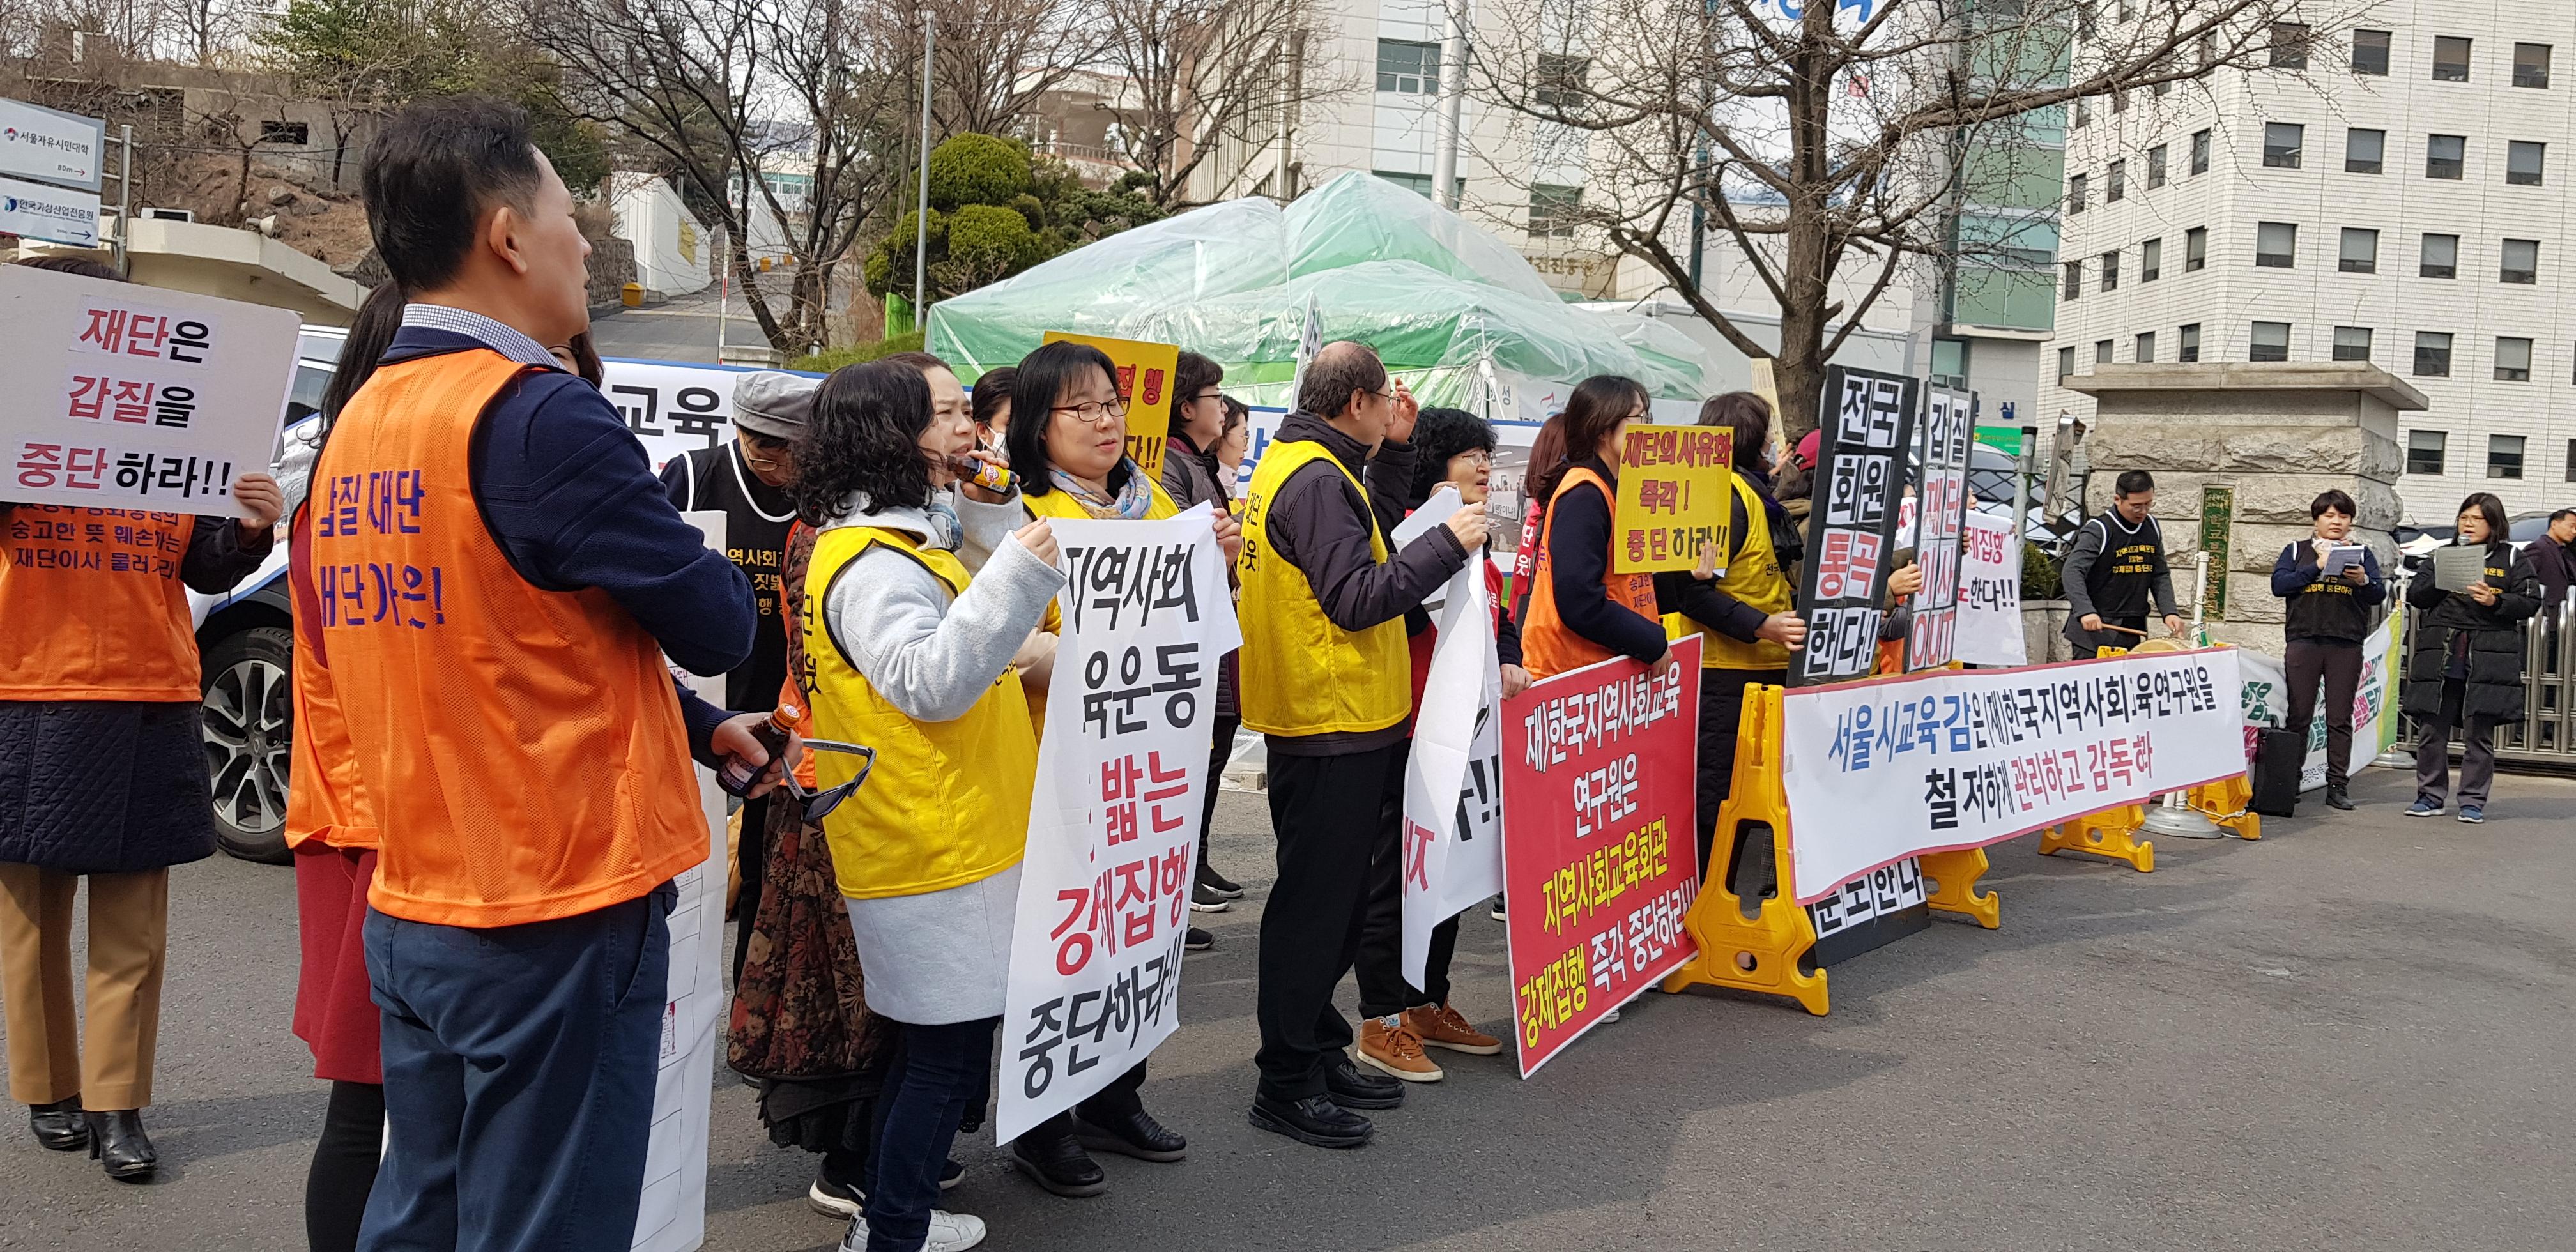 20190318 서울시교육청 단체집회 (3).jpg